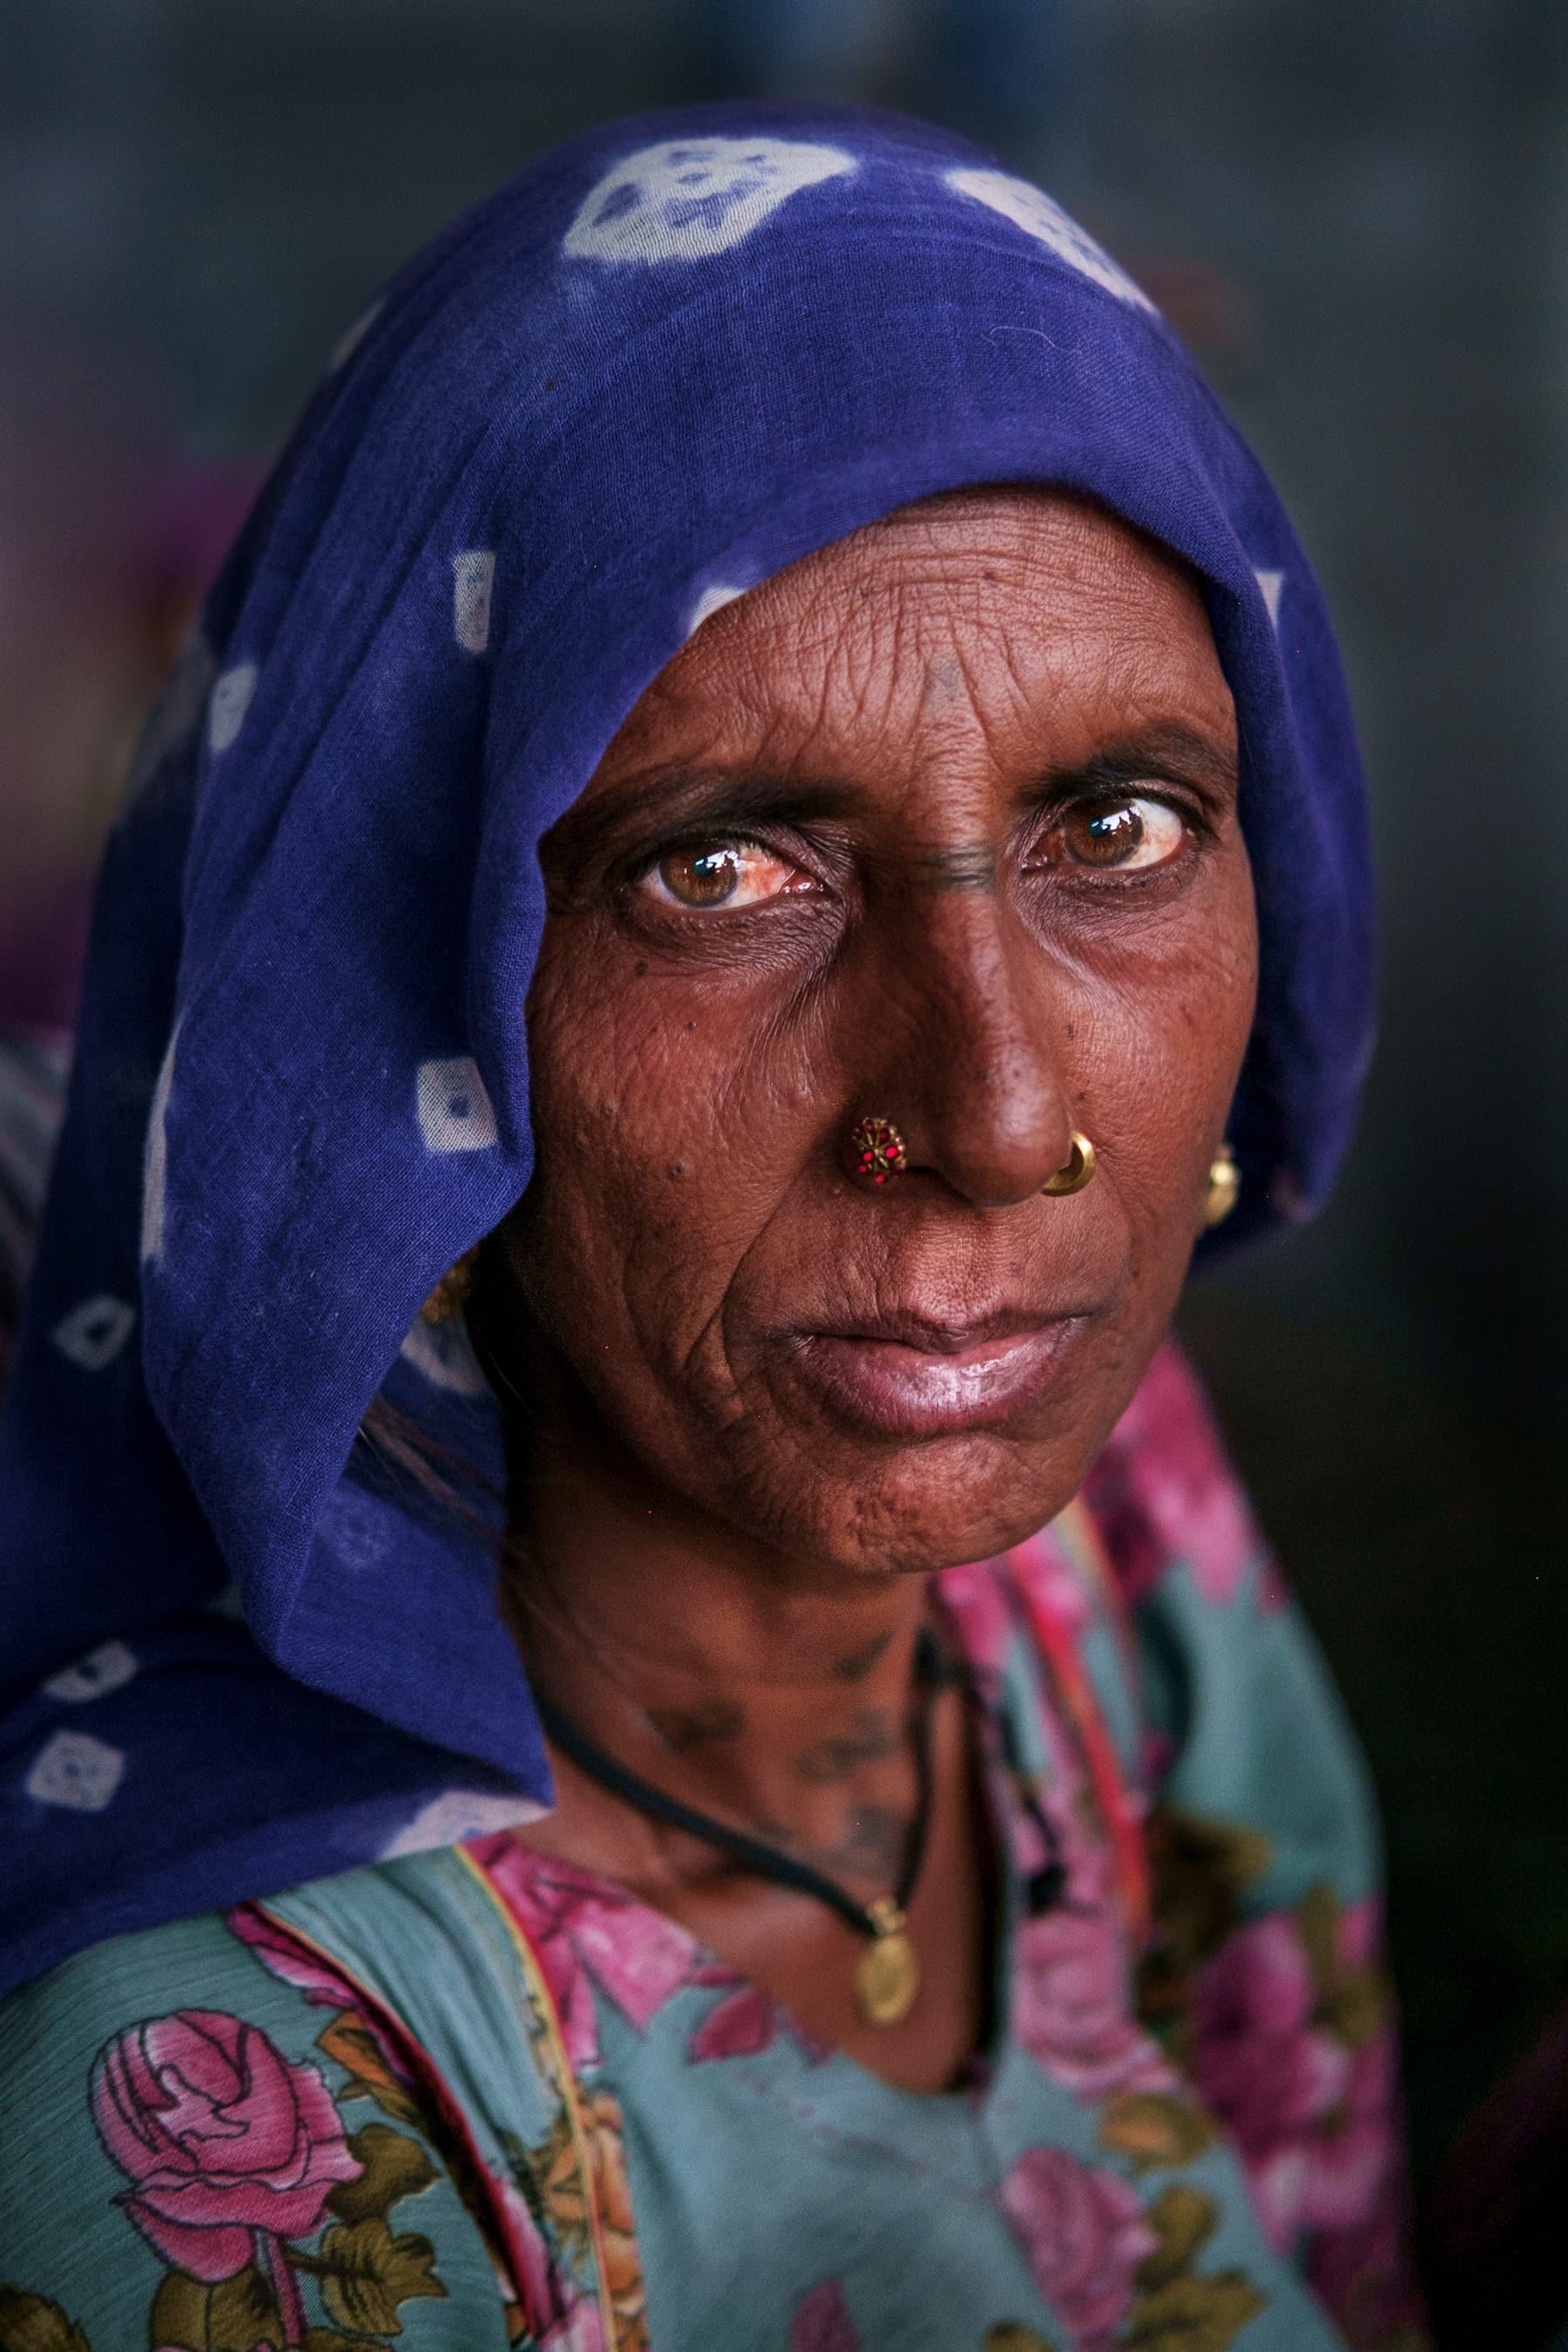 Rajasthan, India photo tour, street portraits